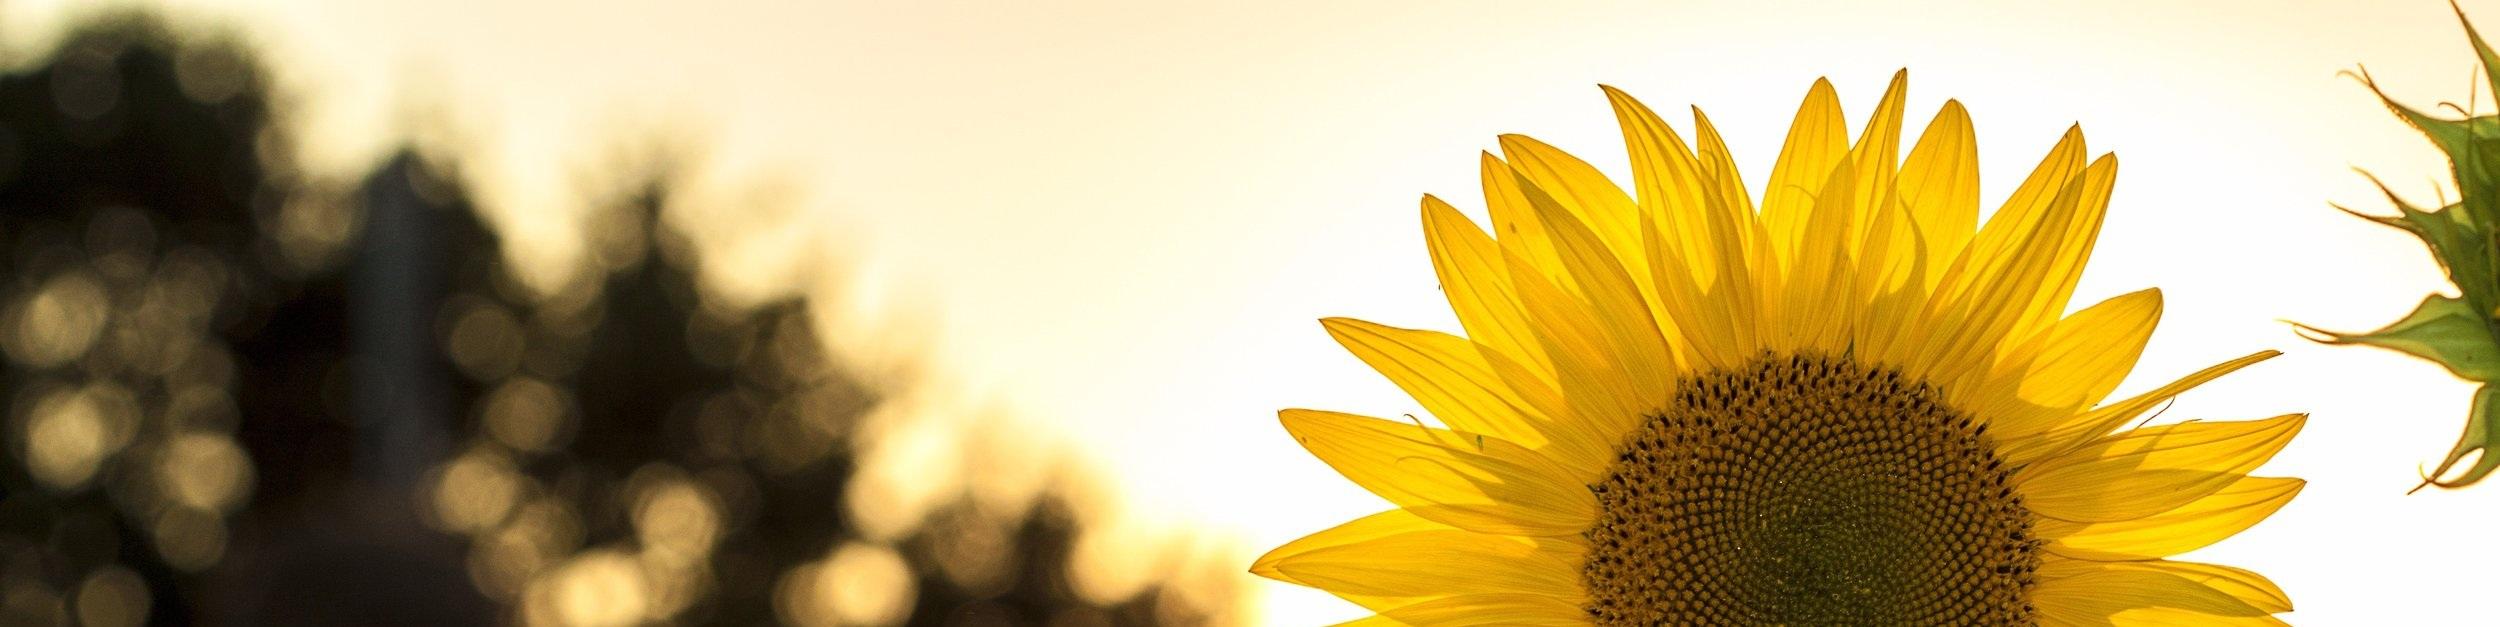 environment-flower-hd-wallpaper-33044.jpg